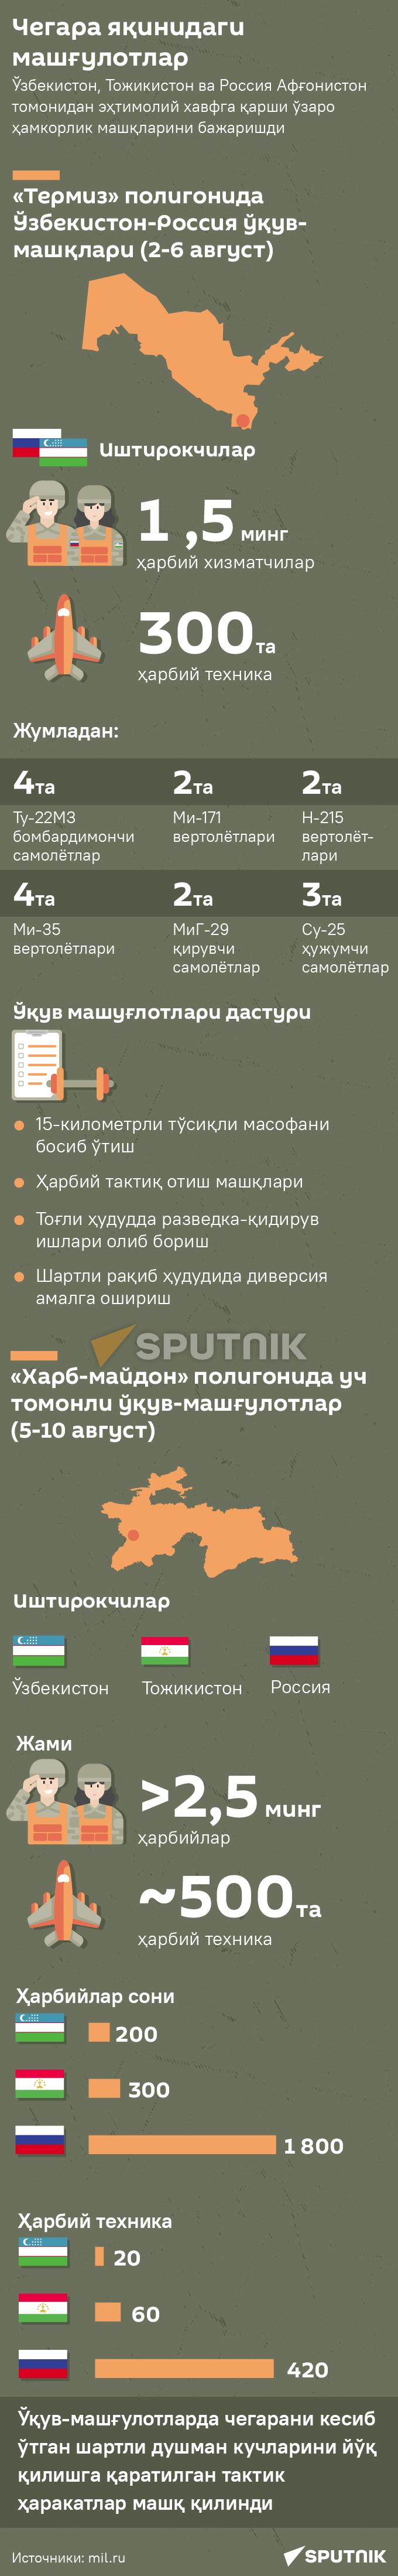 Voyennыe ucheniya uz mobilka - Sputnik Oʻzbekiston